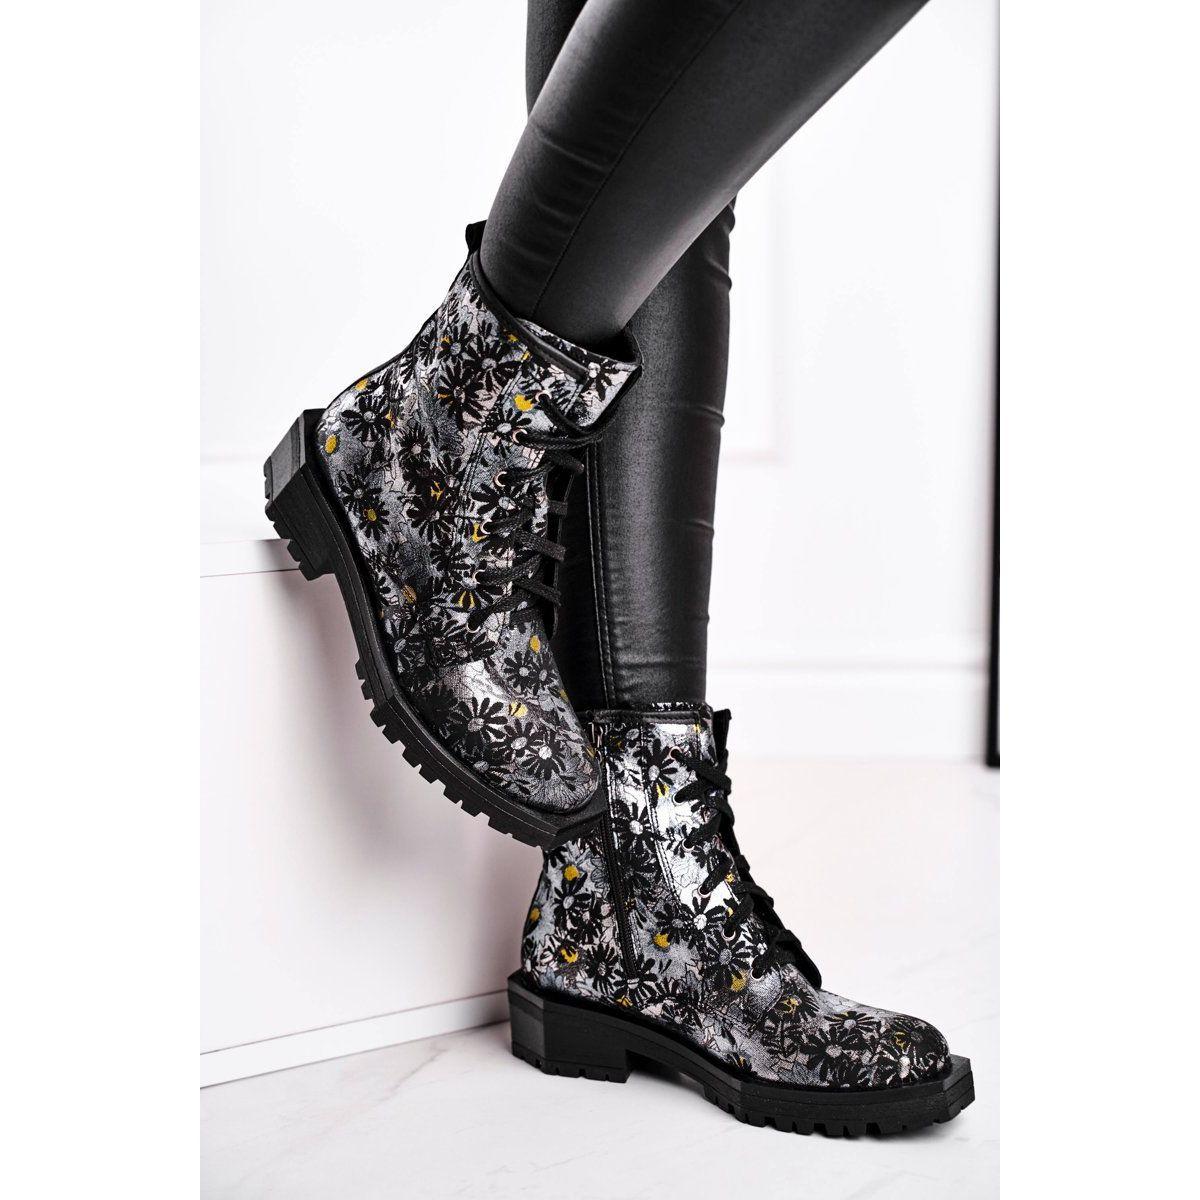 Botki Damskie Skorzane Trzewiki Maciejka Kwiaty 04869 38 Czarne Wielokolorowe Rain Boots Rubber Rain Boots Shoes